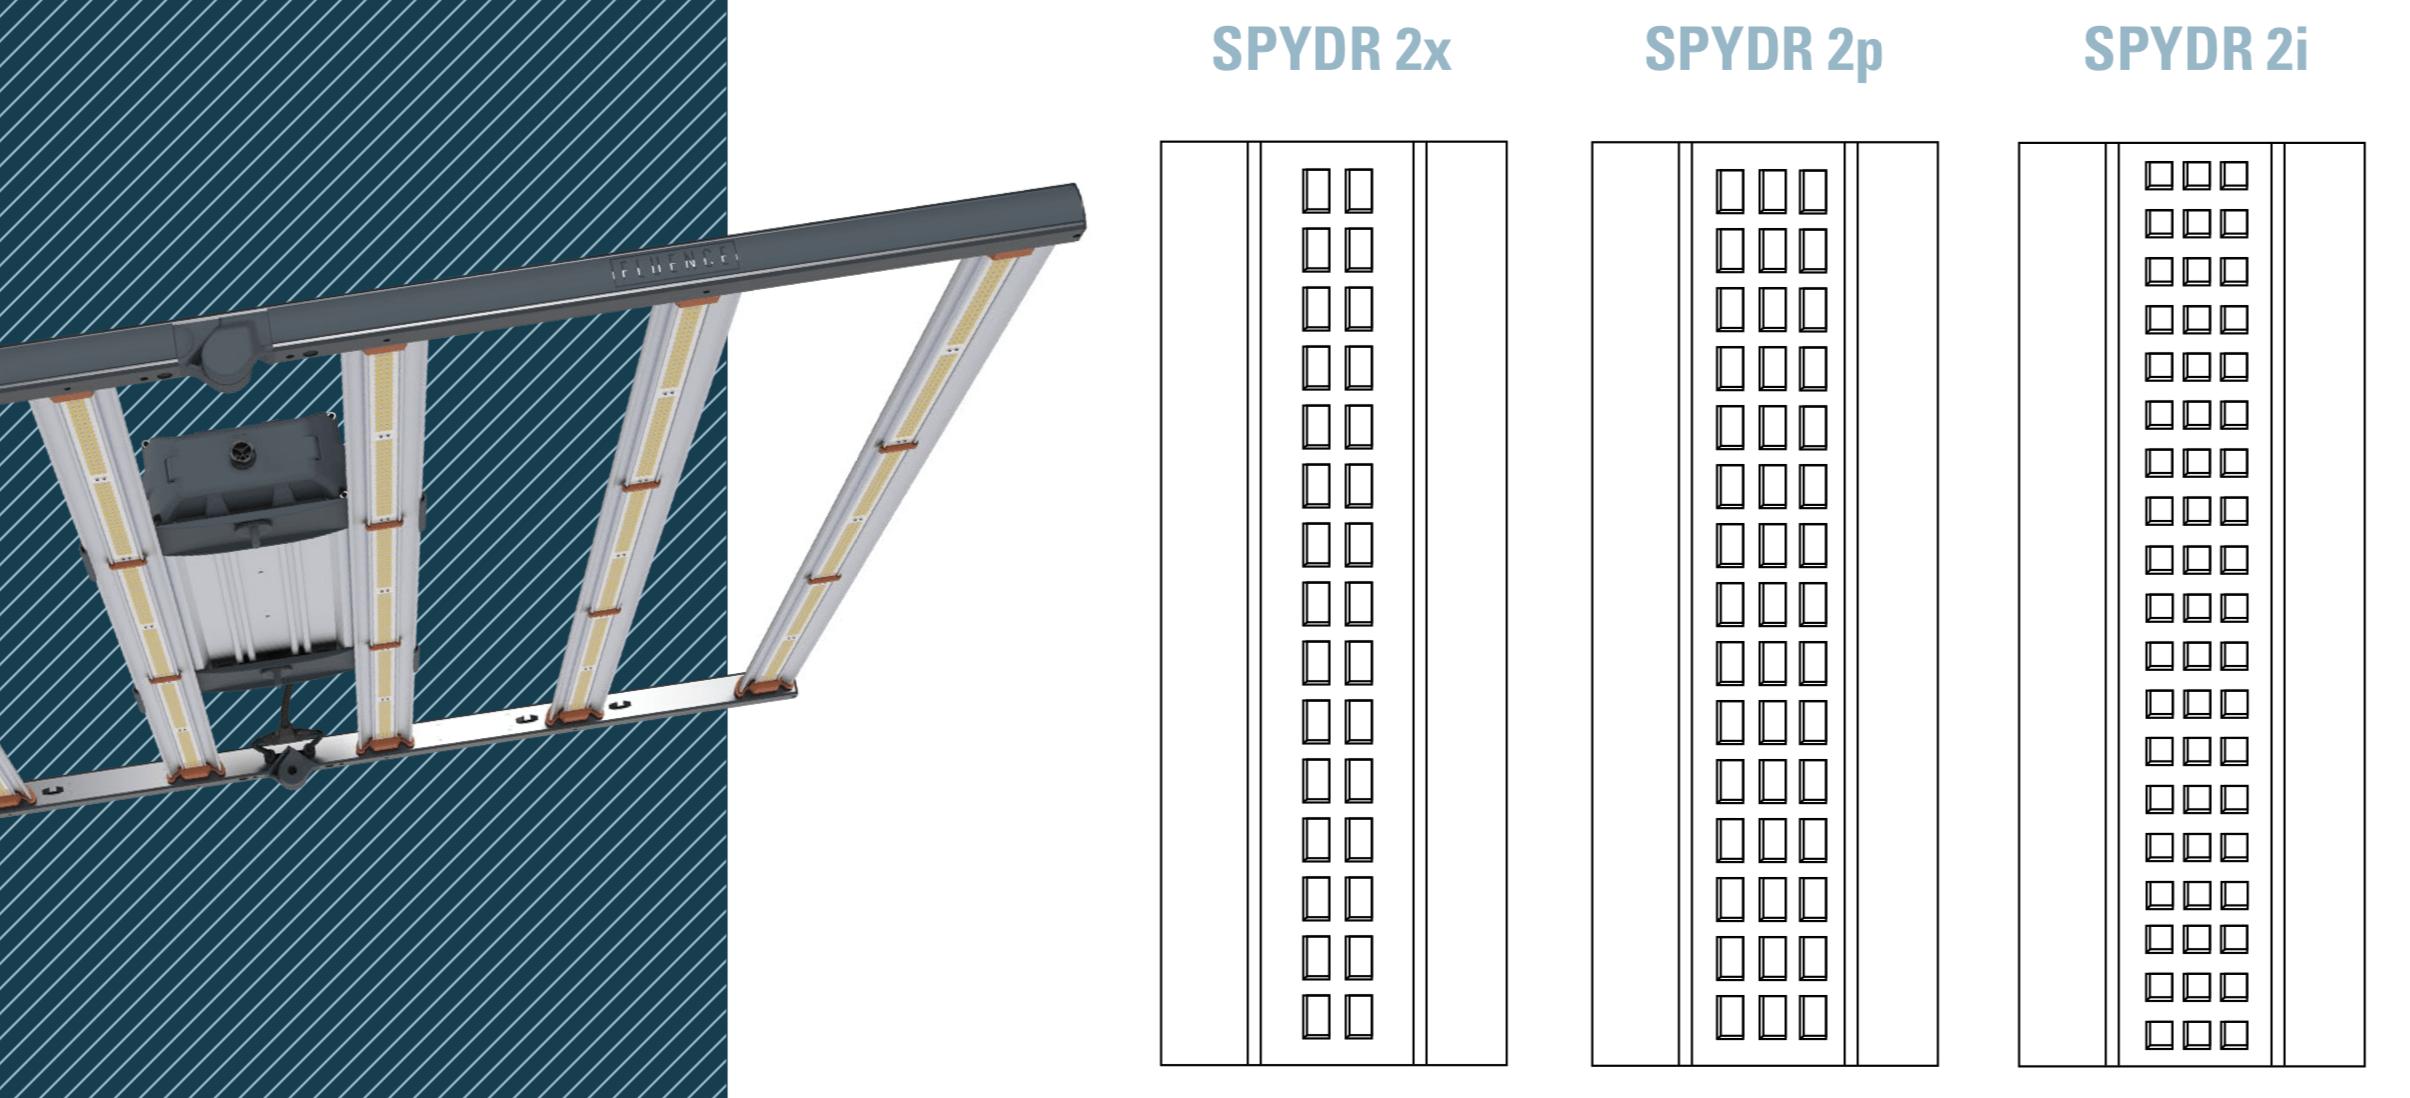 Distribución de los LED en los Fluence SPYDR versión 2